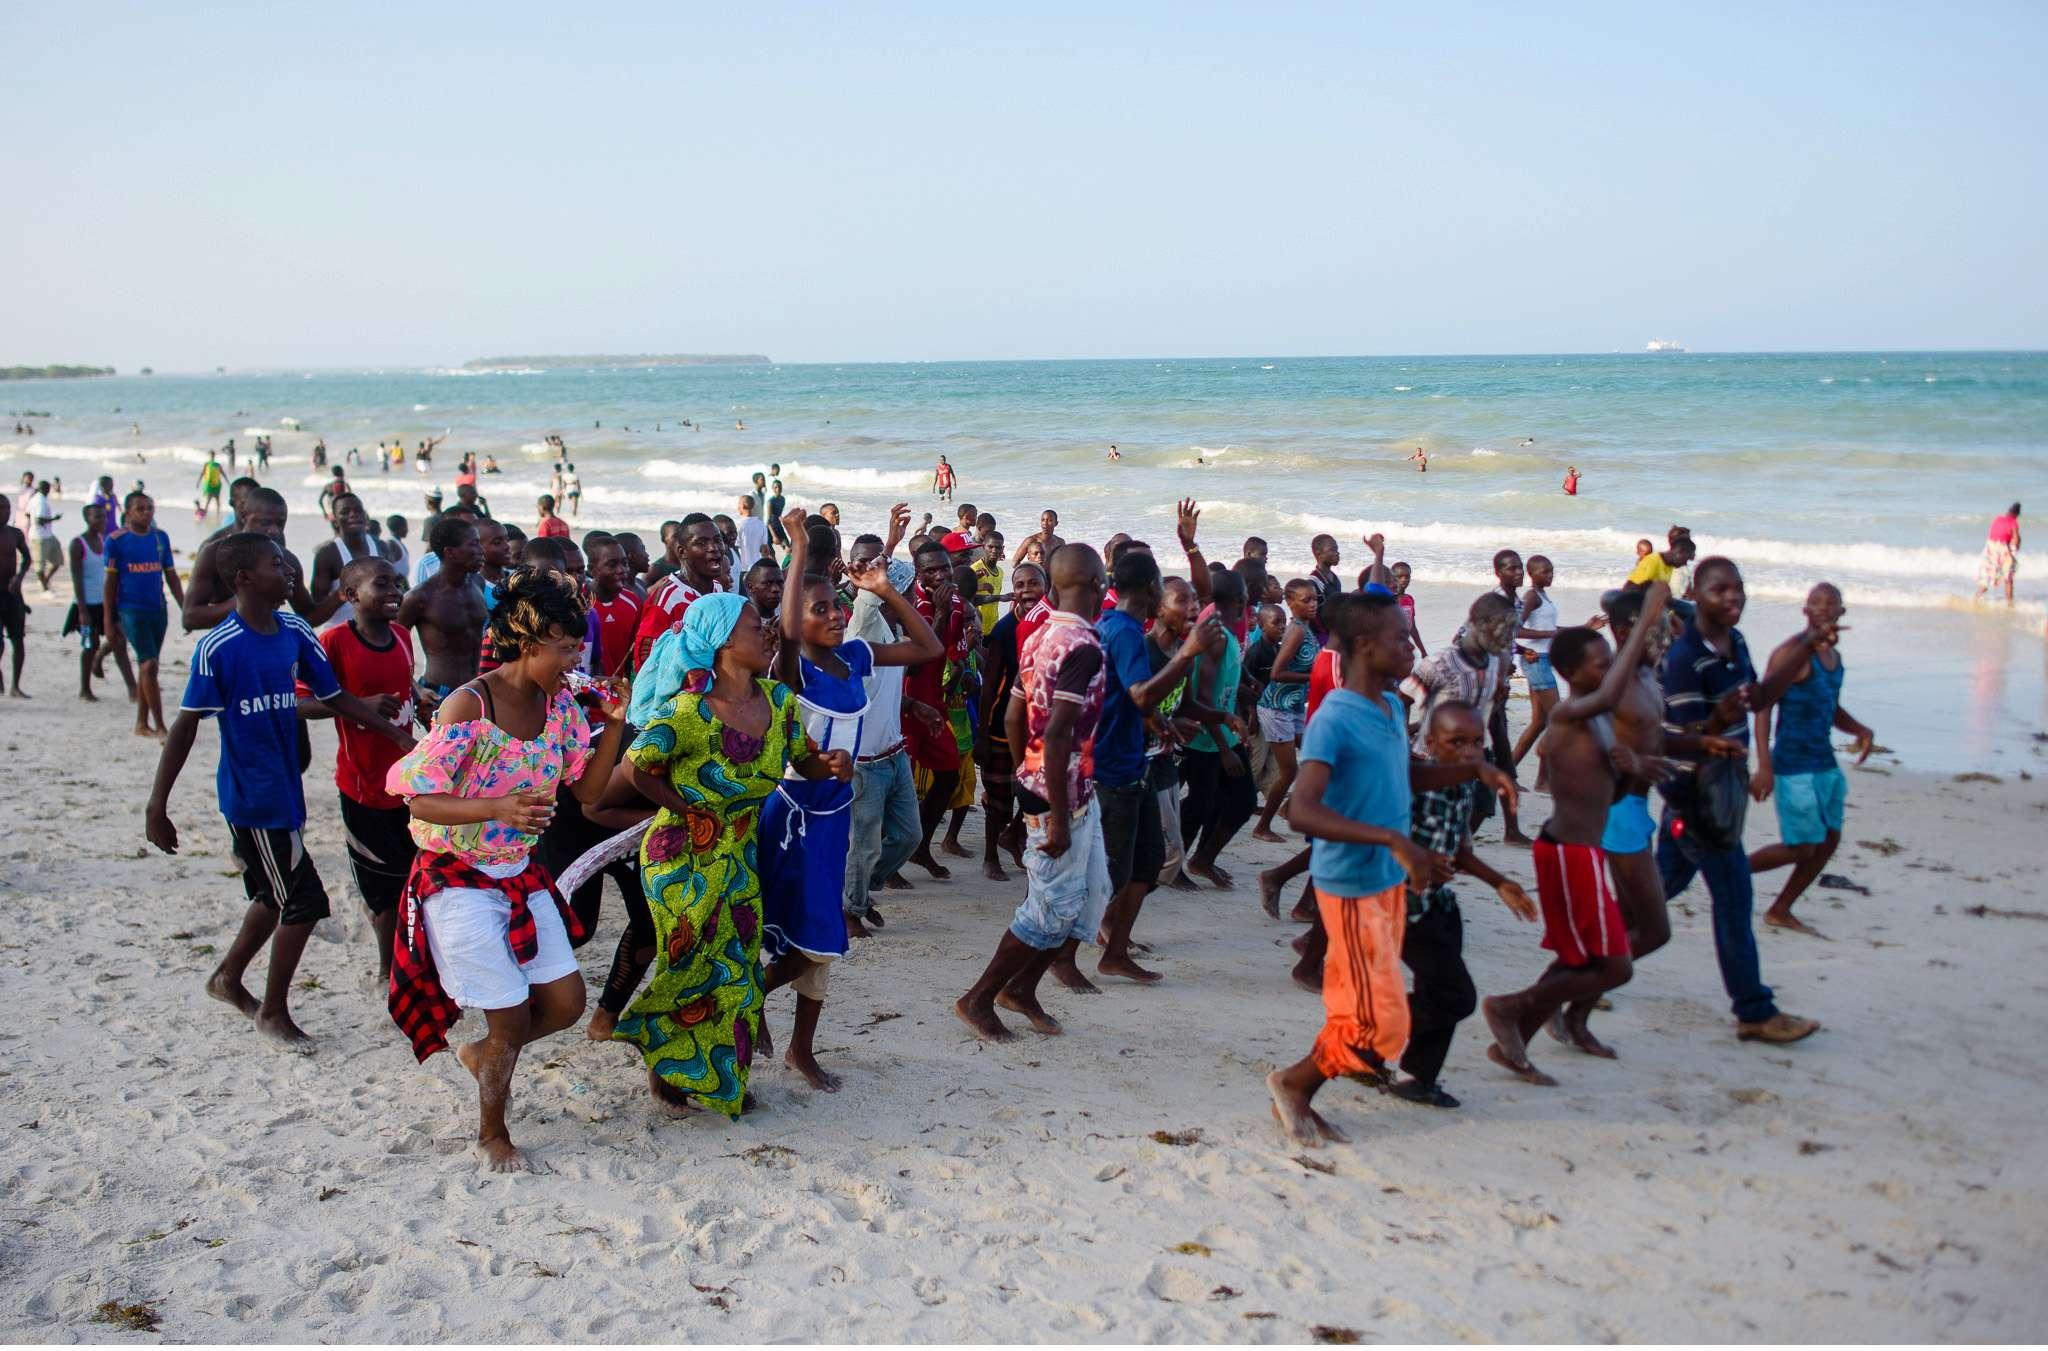 Malawi-Quer durch Afrika- Geschichten von unterwegs by Marion and Daniel-134